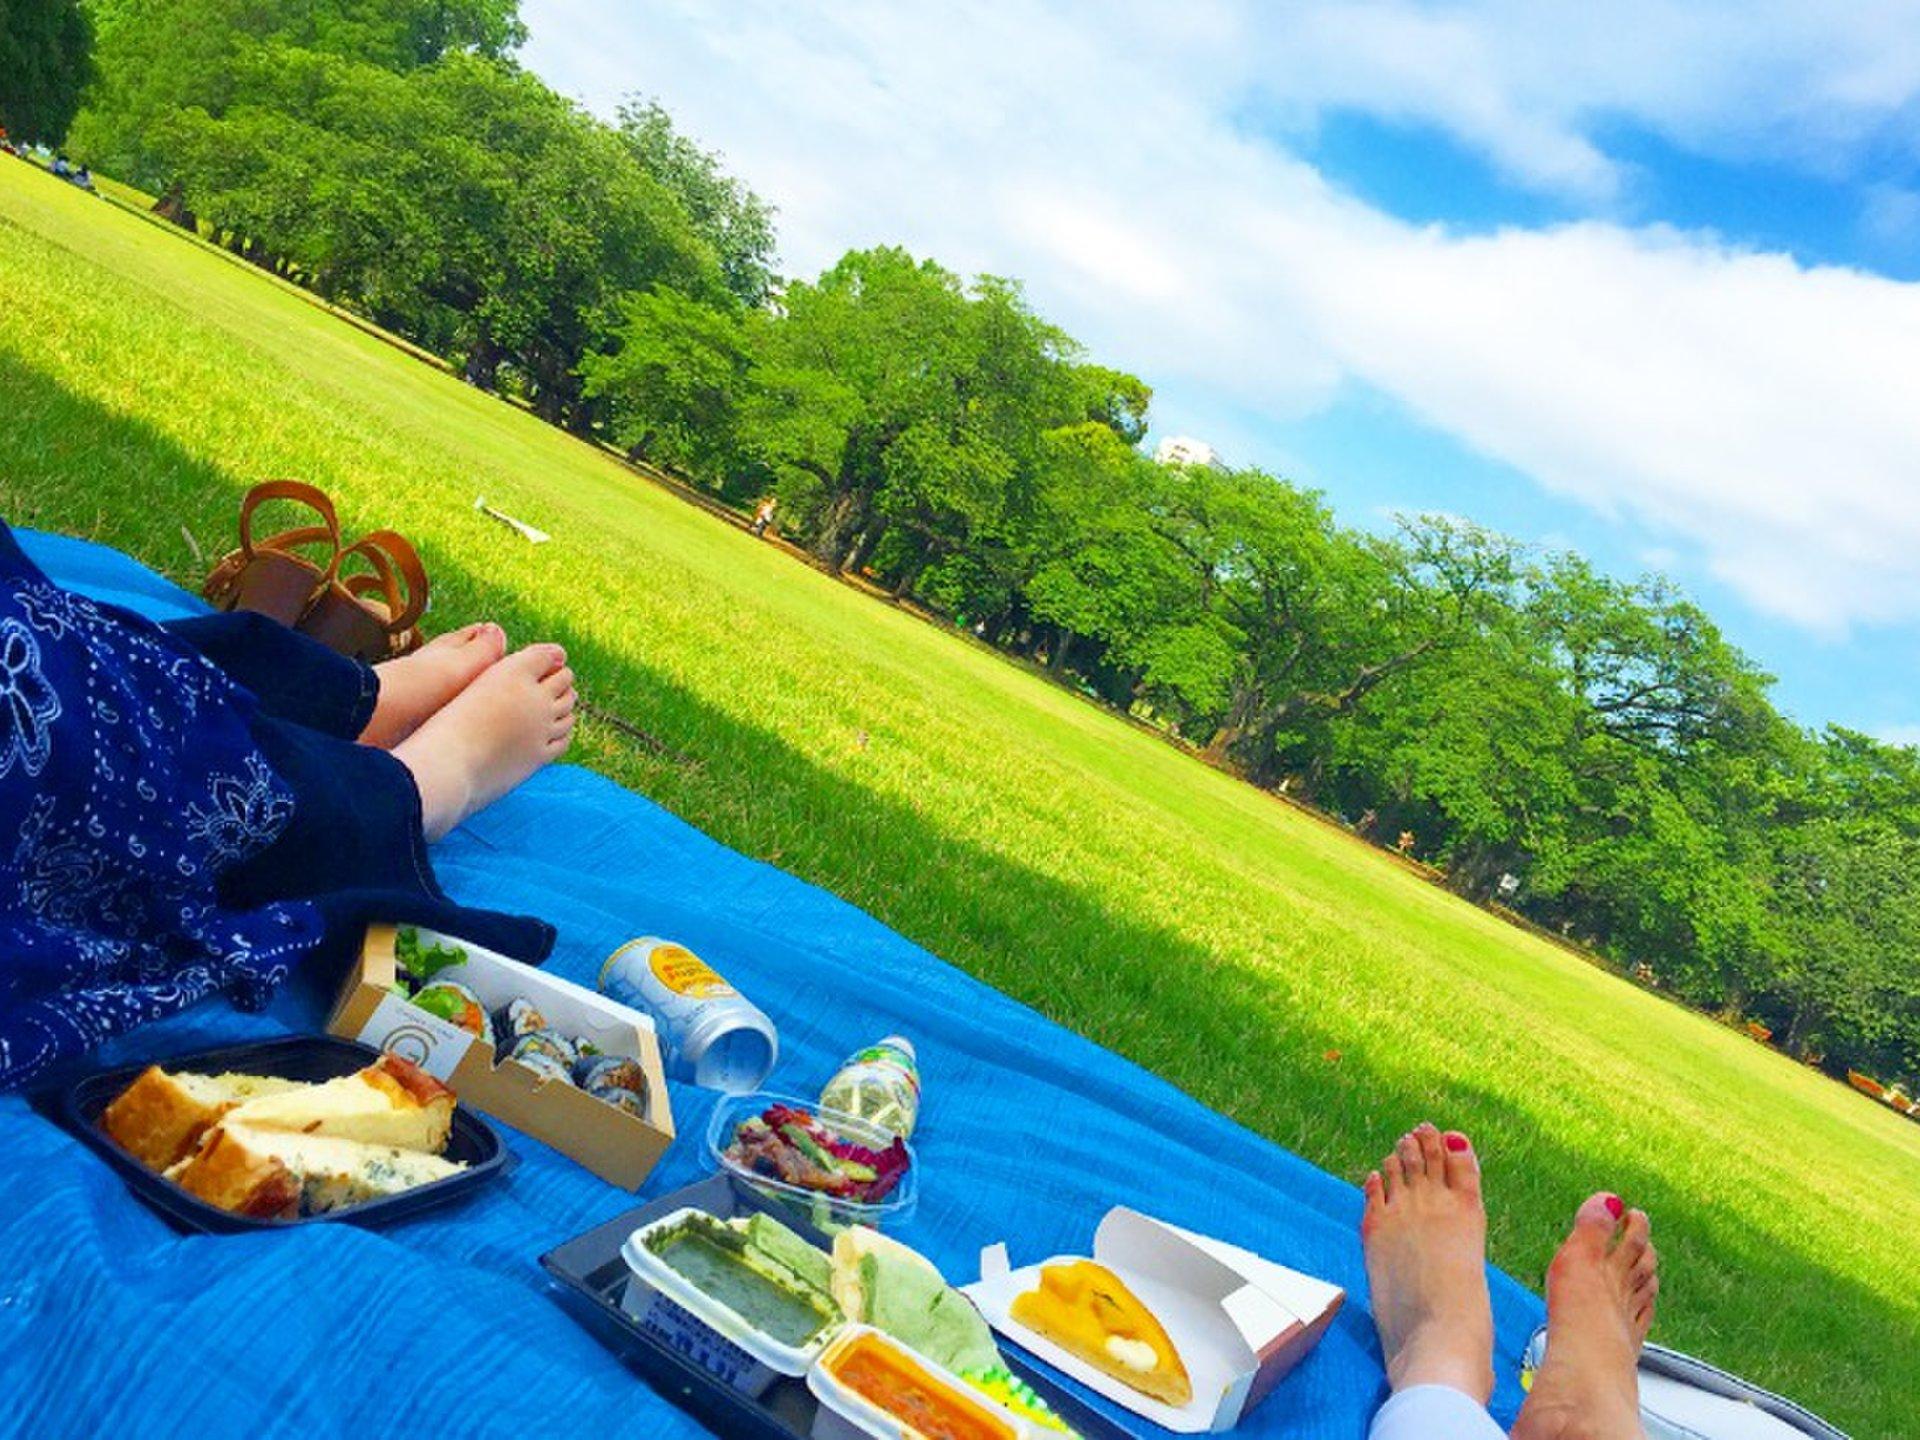 新宿御苑デートが楽しすぎる!?恋人と一緒にピクニックデートしよう♪